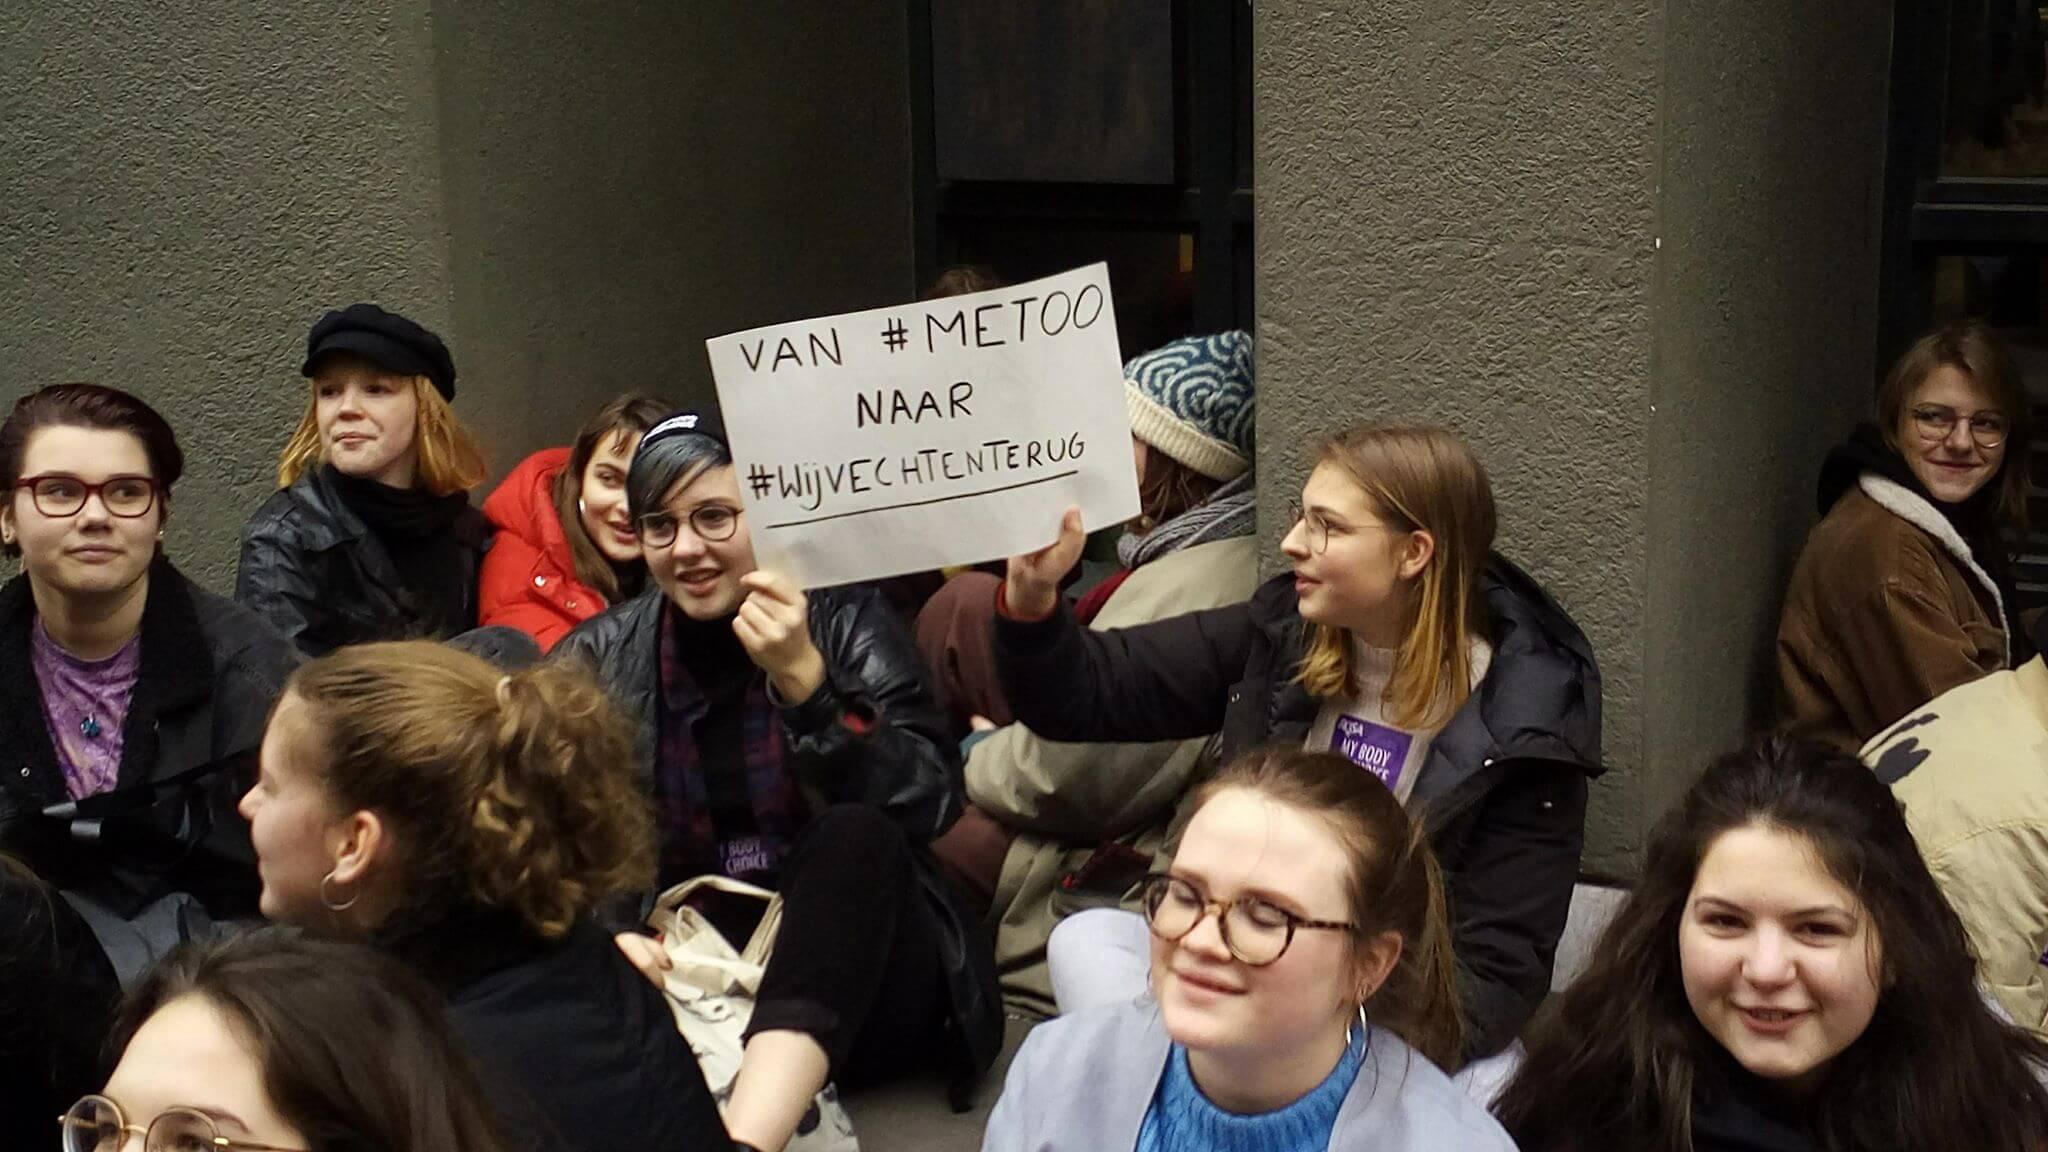 Des élèves du secondaire en action contre le sexisme à Gand : ''Mon corps, mon choix''!